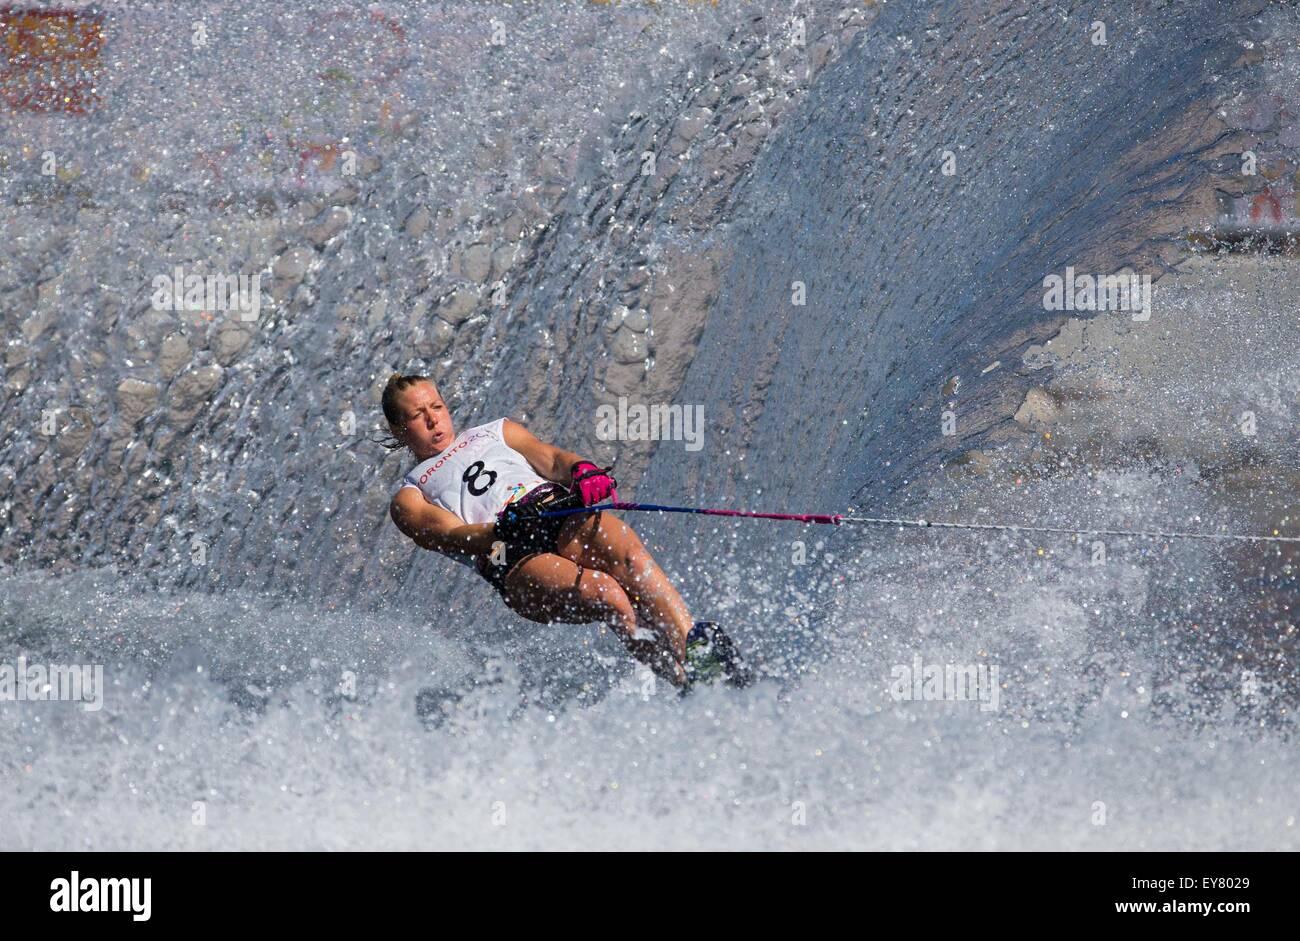 Toronto, Canada. 23 juillet, 2015. Whitney McClintock du Canada livre concurrence au cours de slalom femmes match Photo Stock